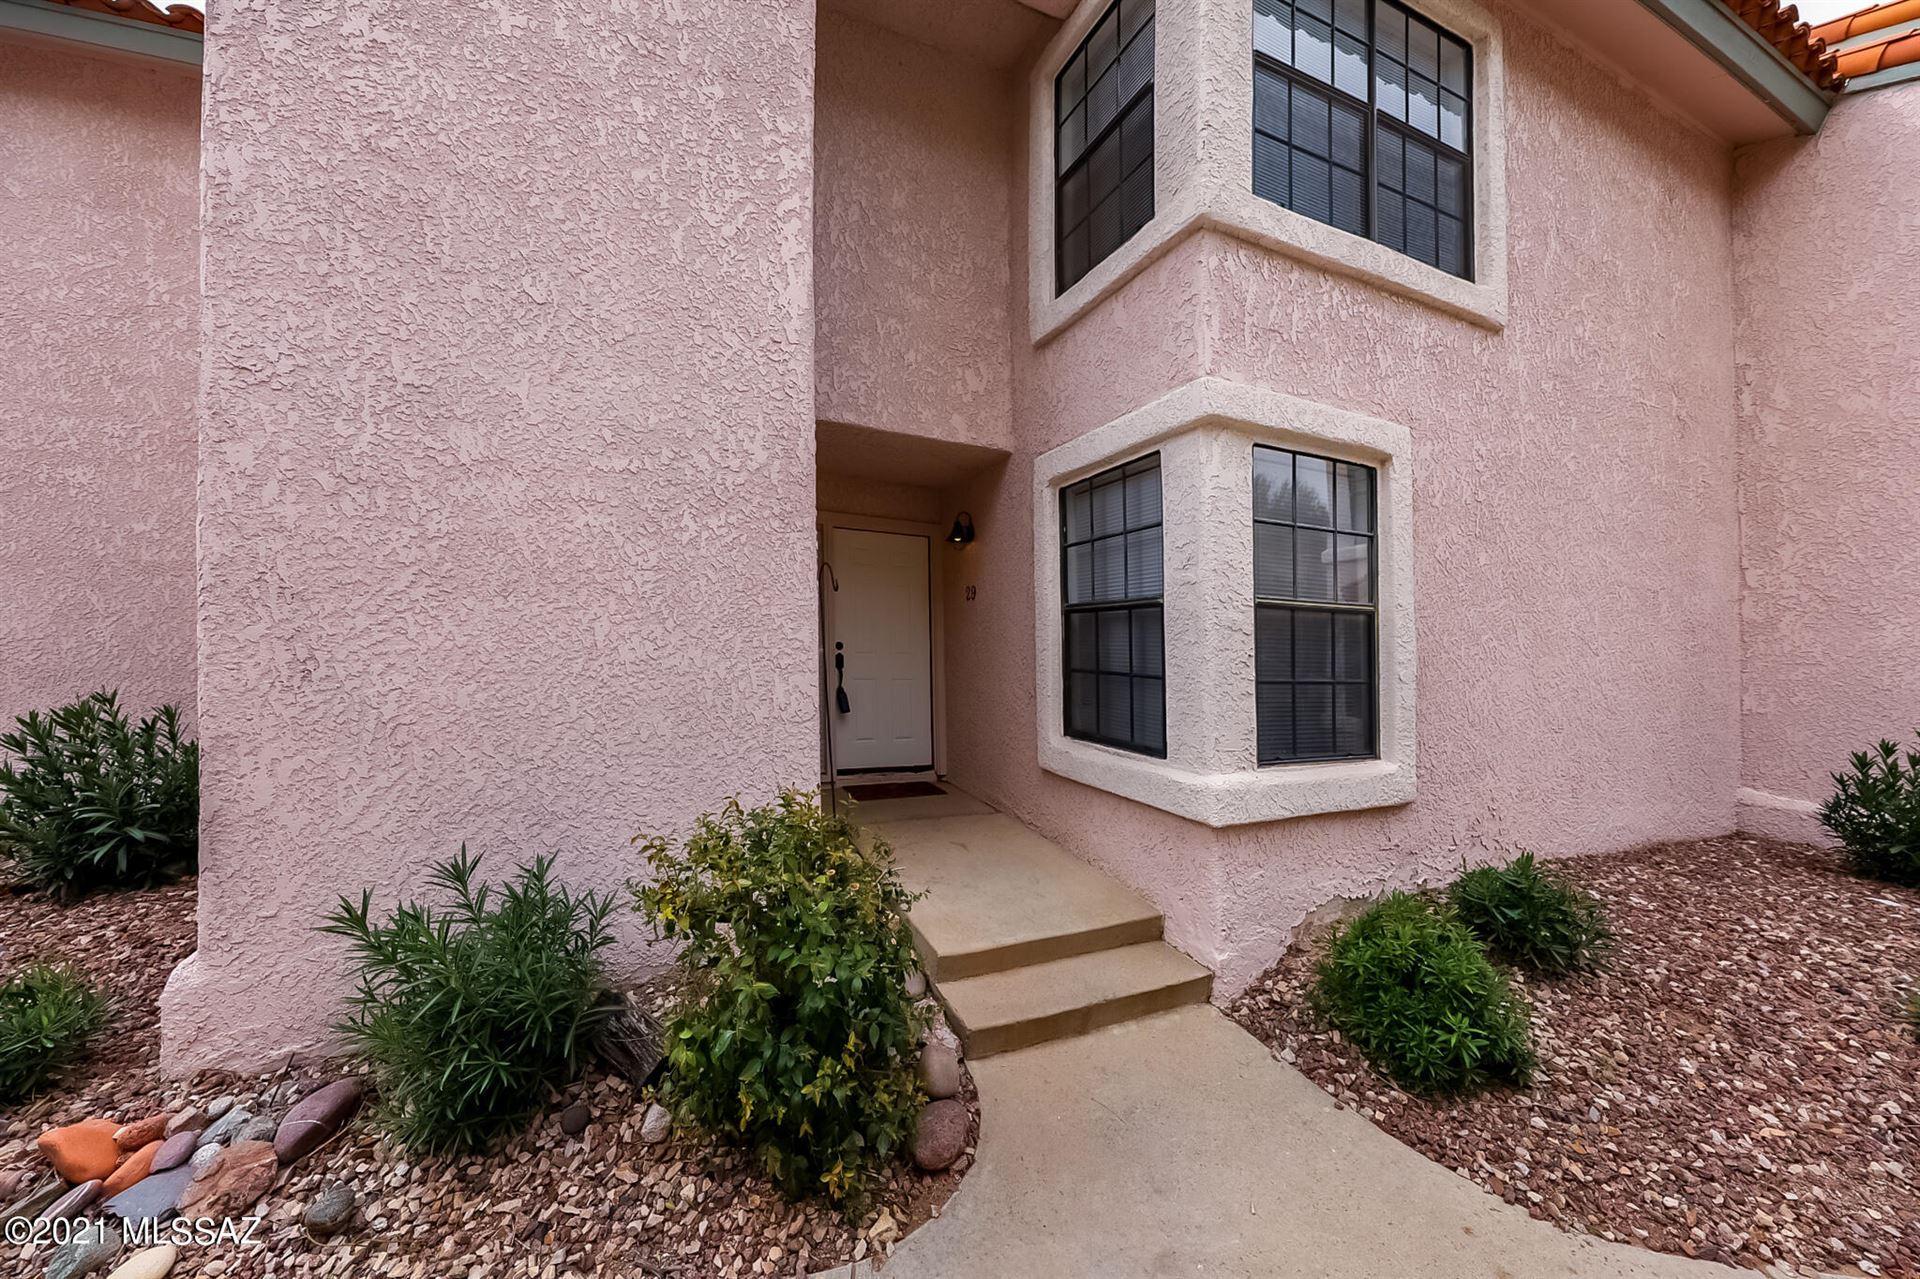 6414 N TIERRA DE LAS CATALINAS #29, Tucson, AZ 85718 - MLS#: 22106288